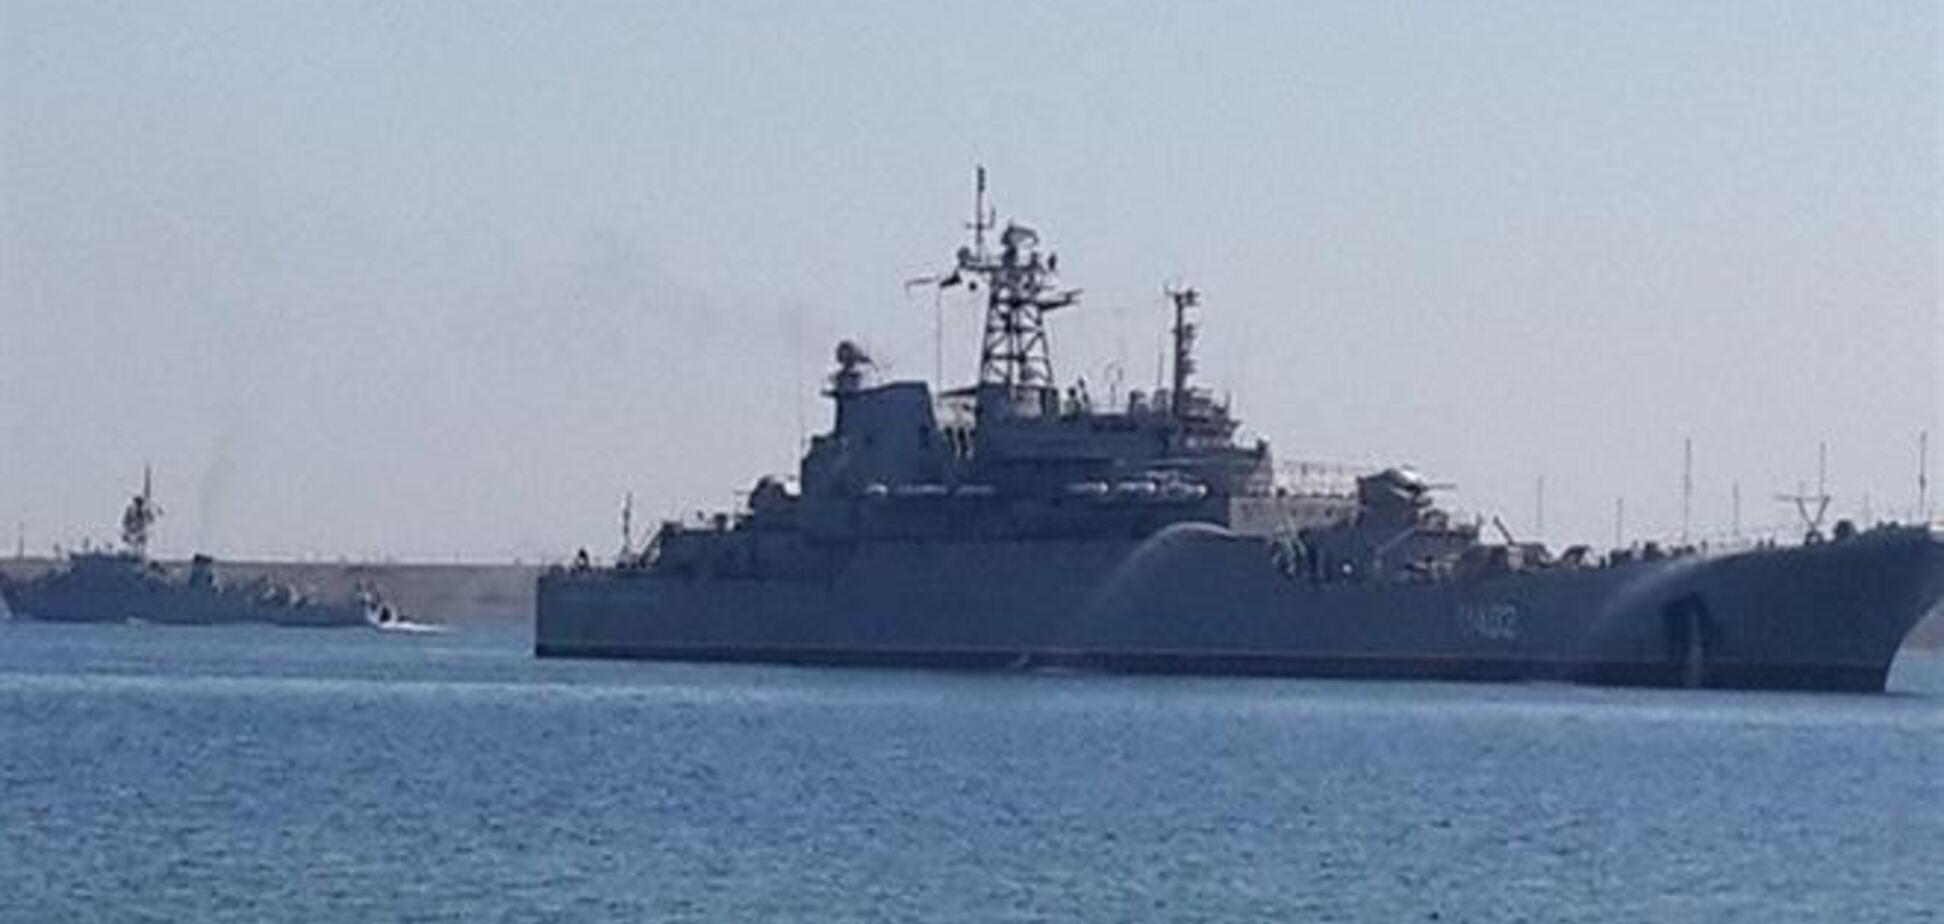 Капітан 'Ольшанського': якби затопили корабель, мене б проклинали навіть онуки